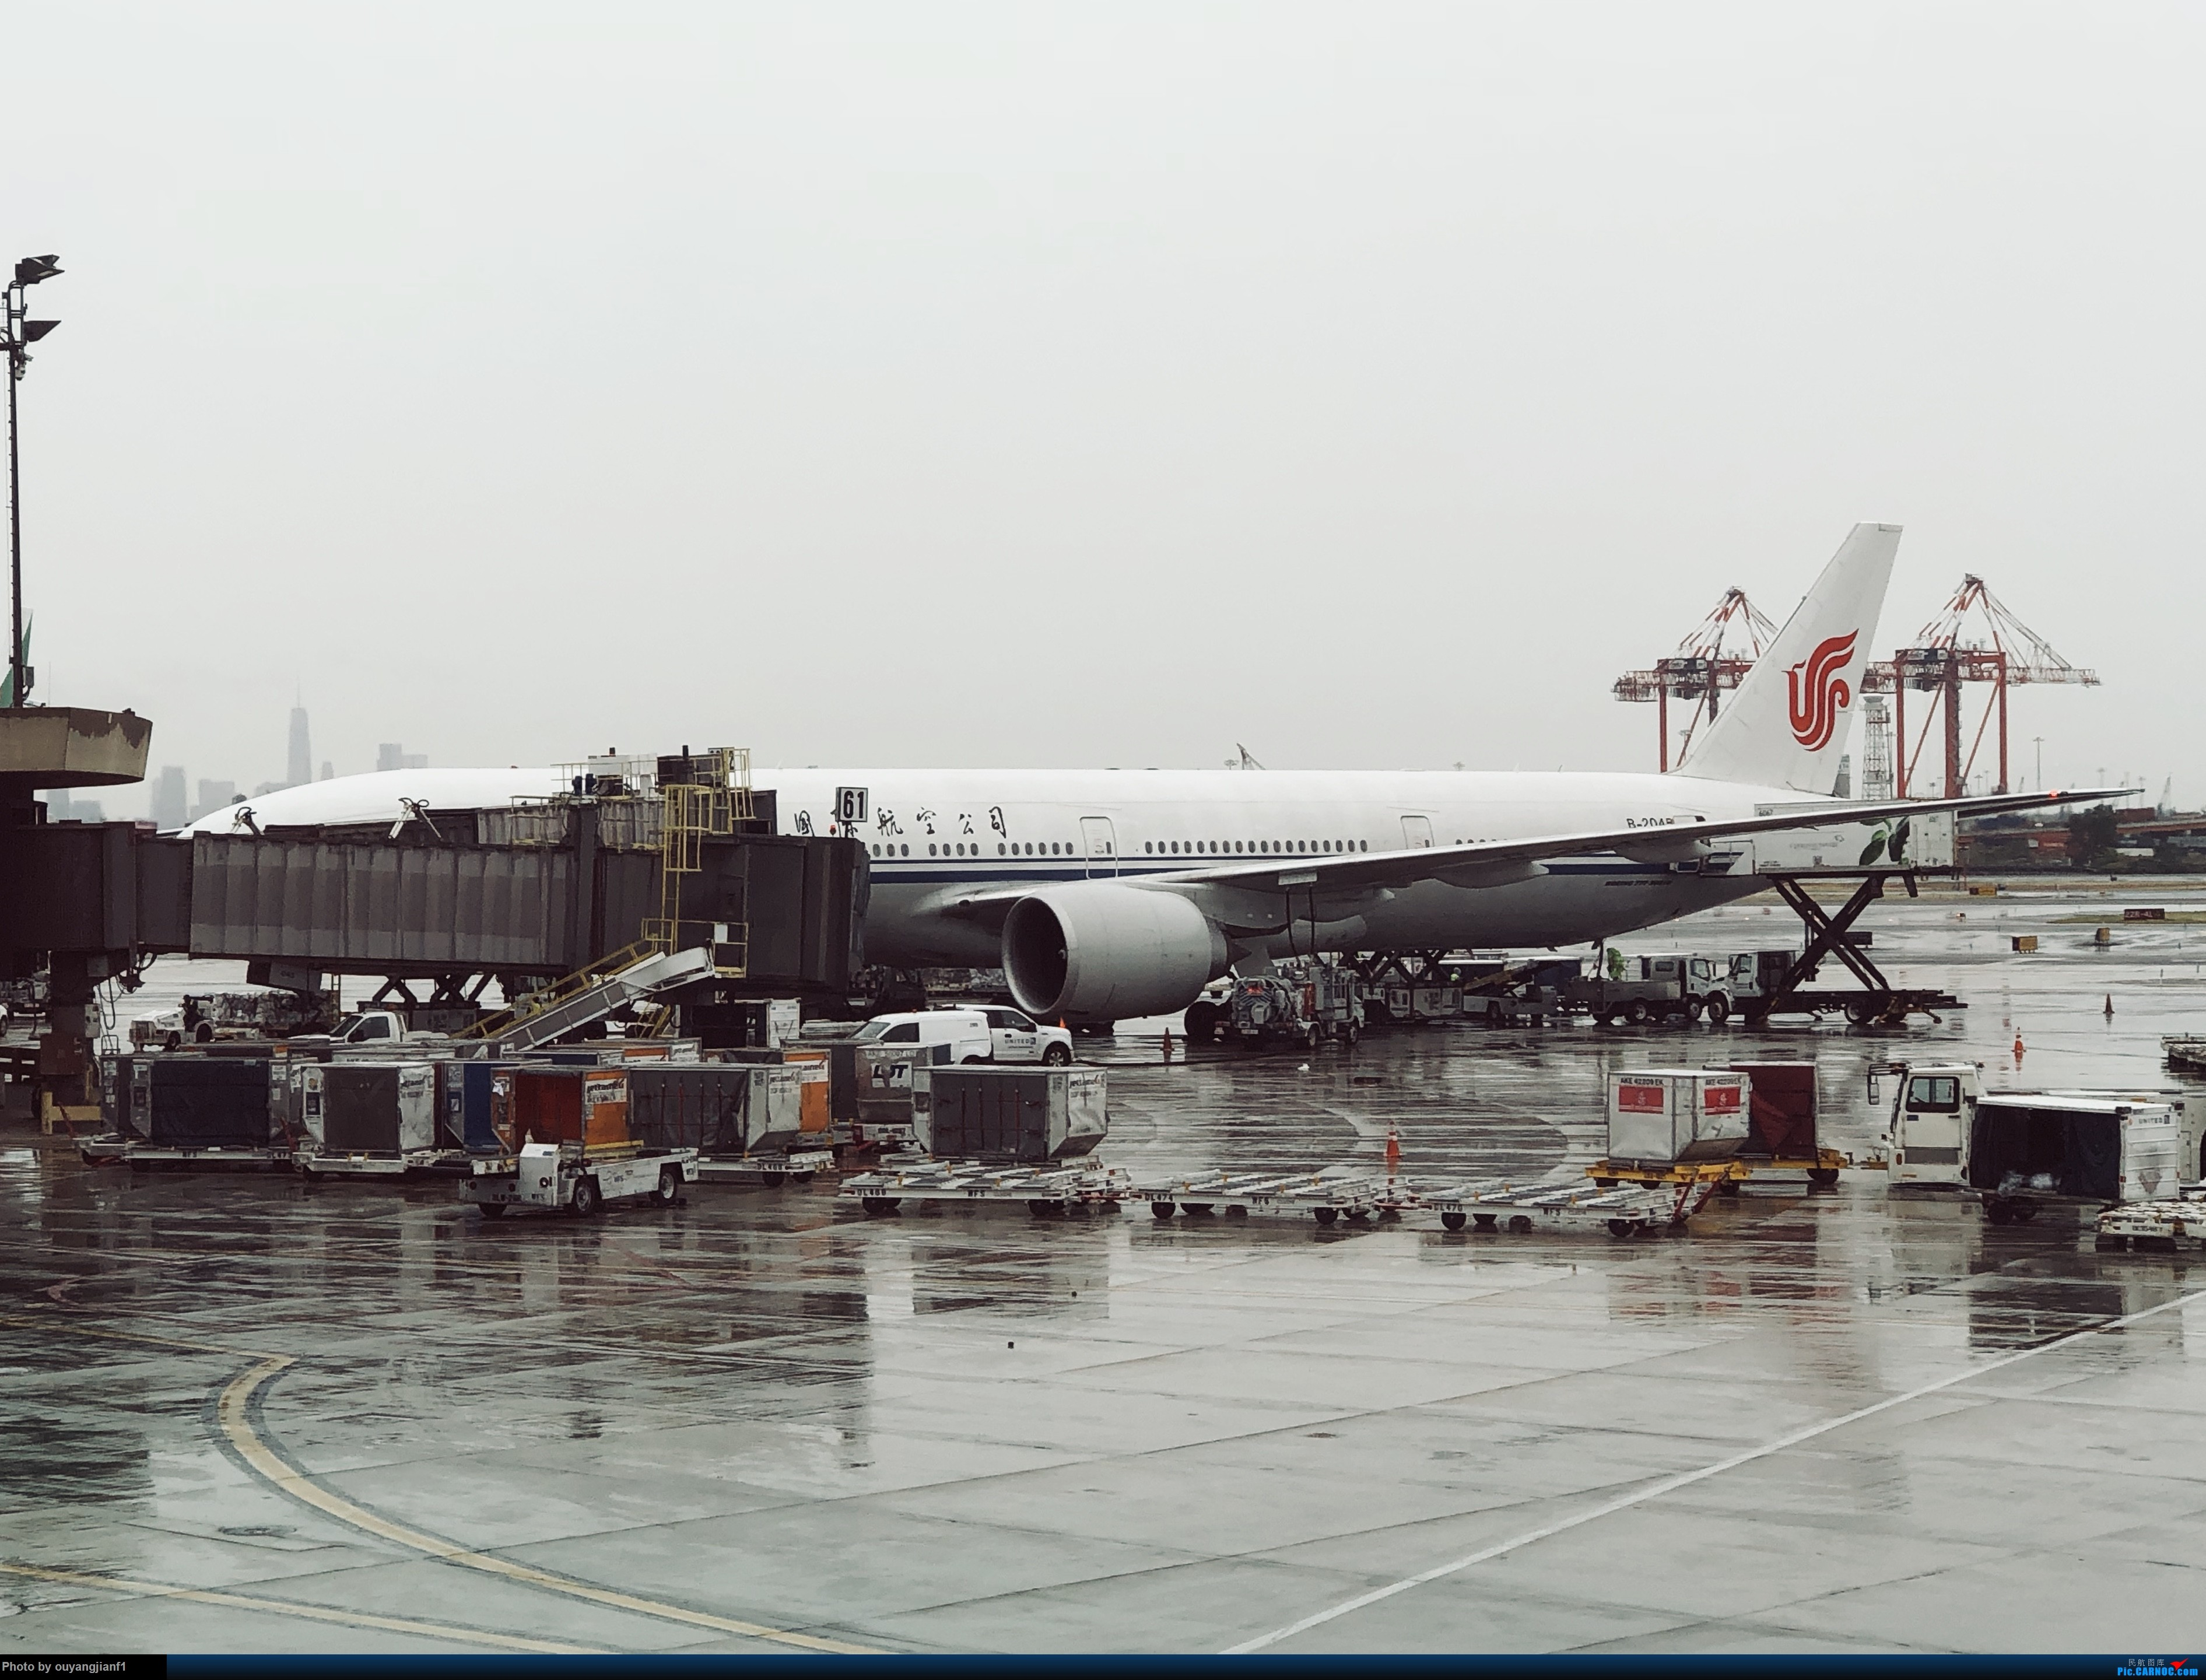 又是好久没来坛子了,发几篇2018年的飞行游记纪念一下吧....第一篇,环球飞行之旅:北京-纽瓦克-波哥大-麦德林-巴拿马城-墨西哥城-法兰克福-北京 BOEING 777-300ER B-2045 美国纽瓦克机场